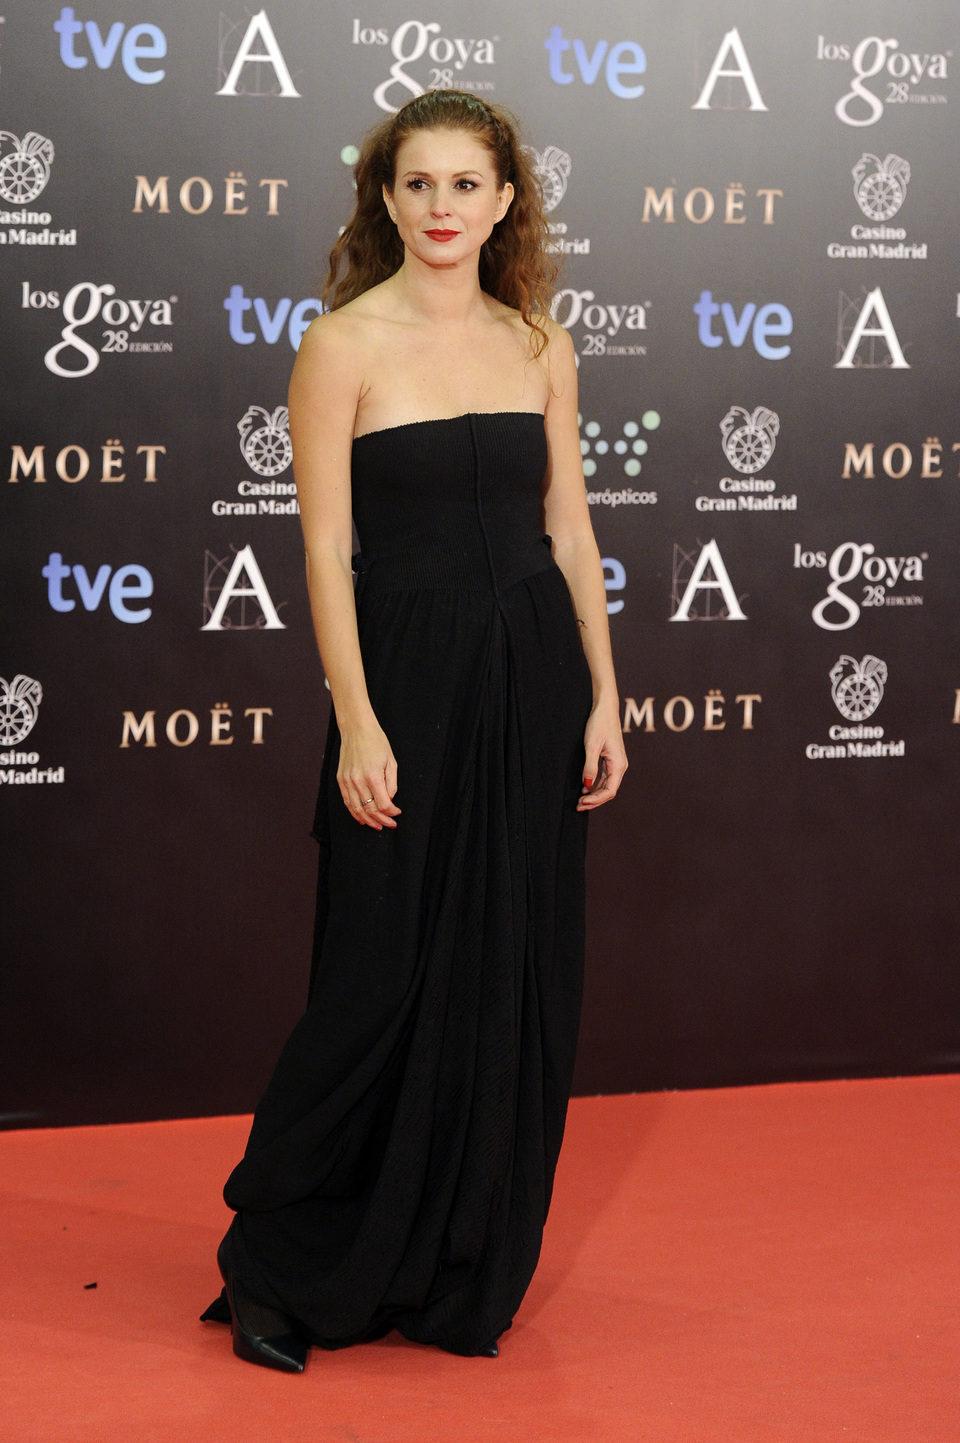 Marián Aguilera en los Premios Goya 2014